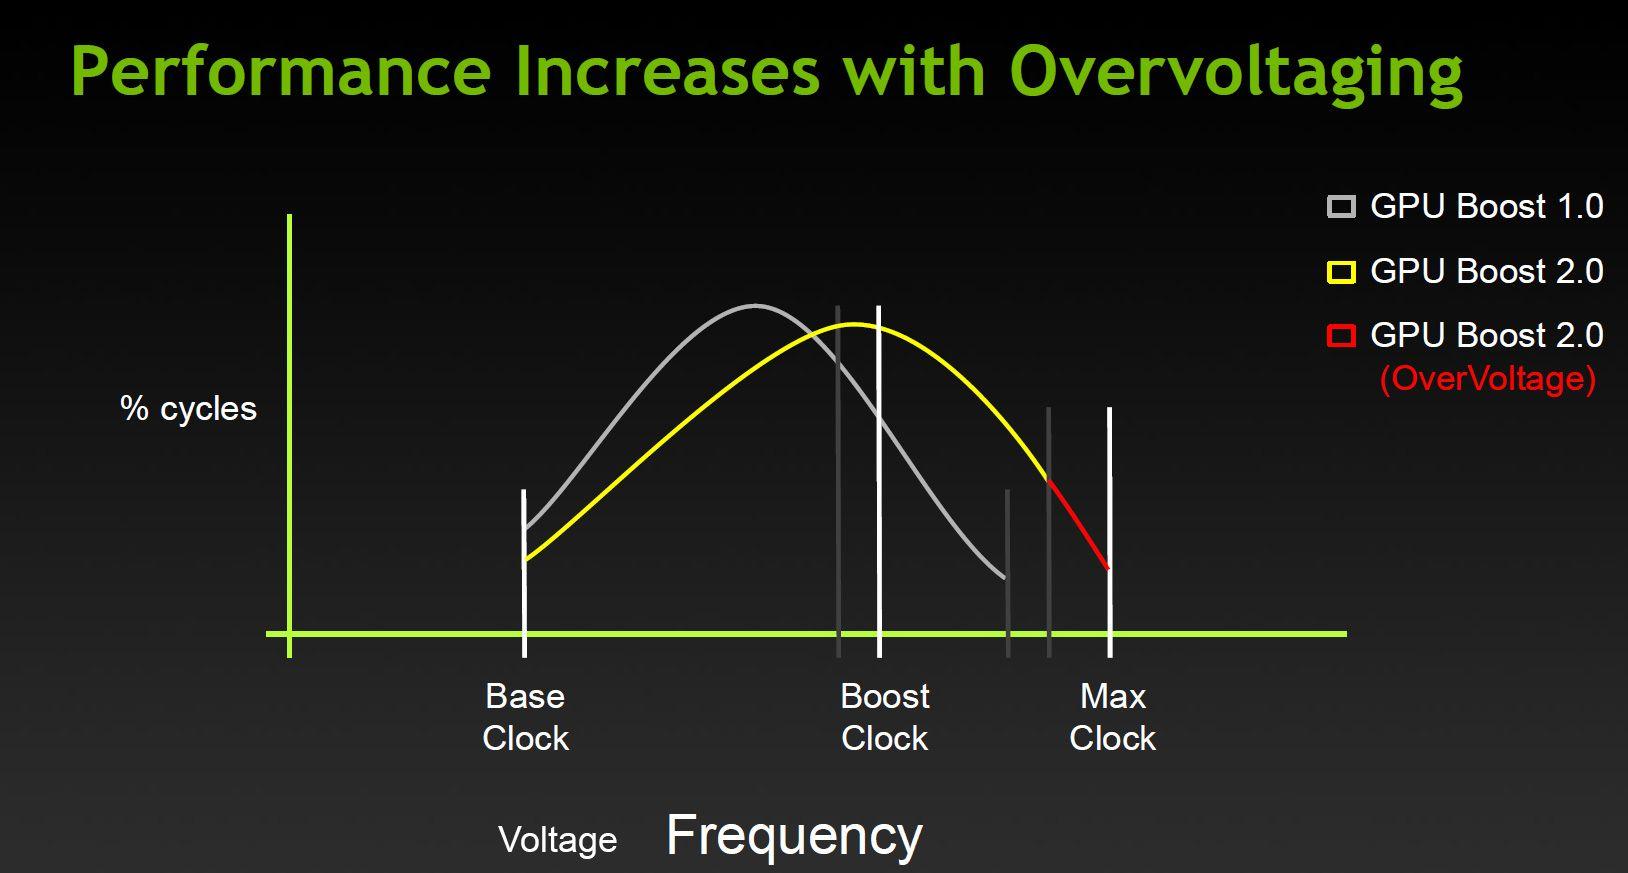 Nvidia mener ytelsen øker betraktelig, selv på automatisk innstilling.Foto: Nvidia